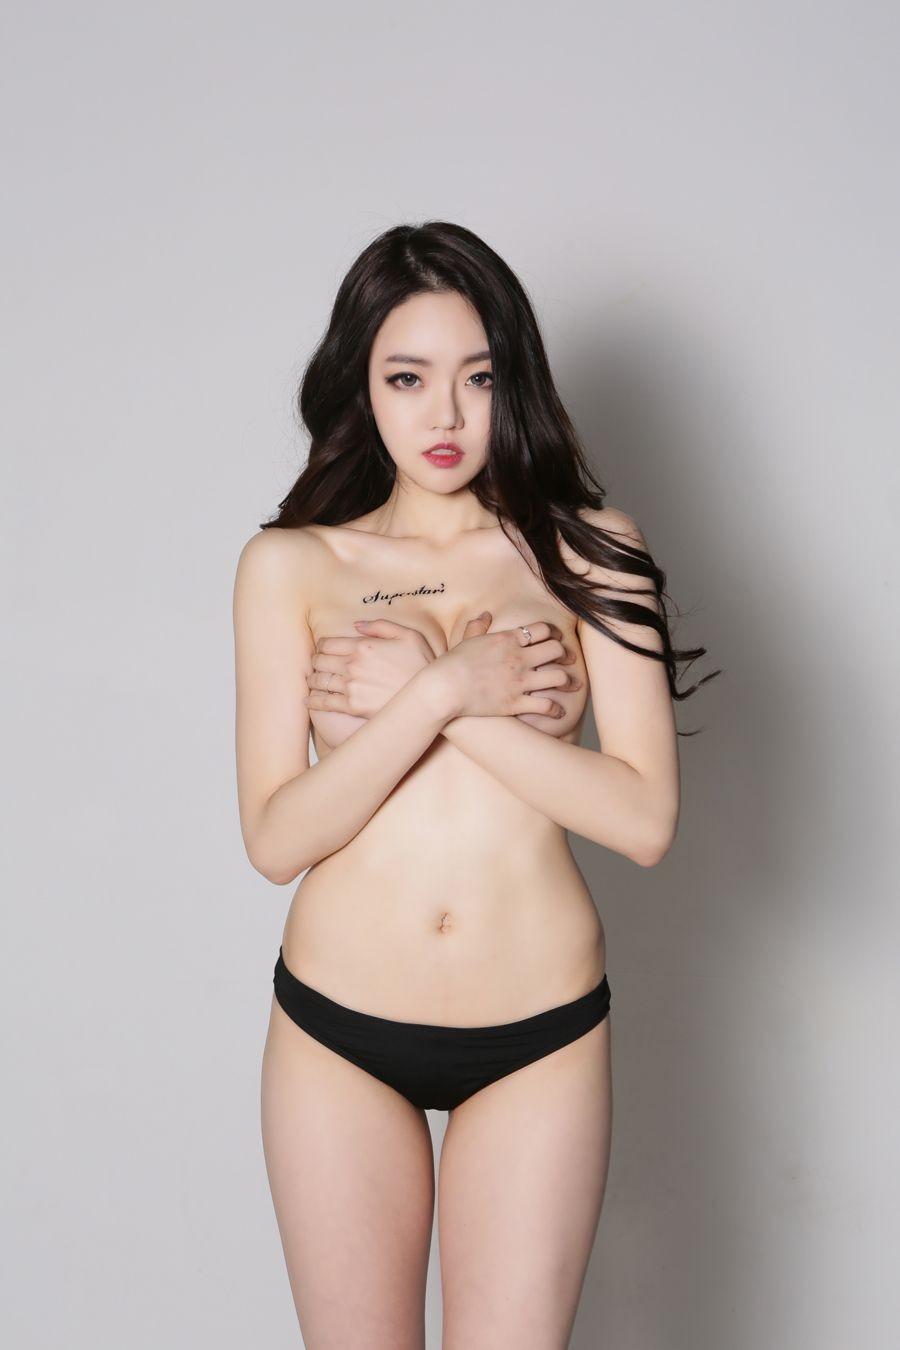 Không thể rời mắt trước vẻ gợi cảm của mỹ nữ xứ Hàn Park Eunsol - 12